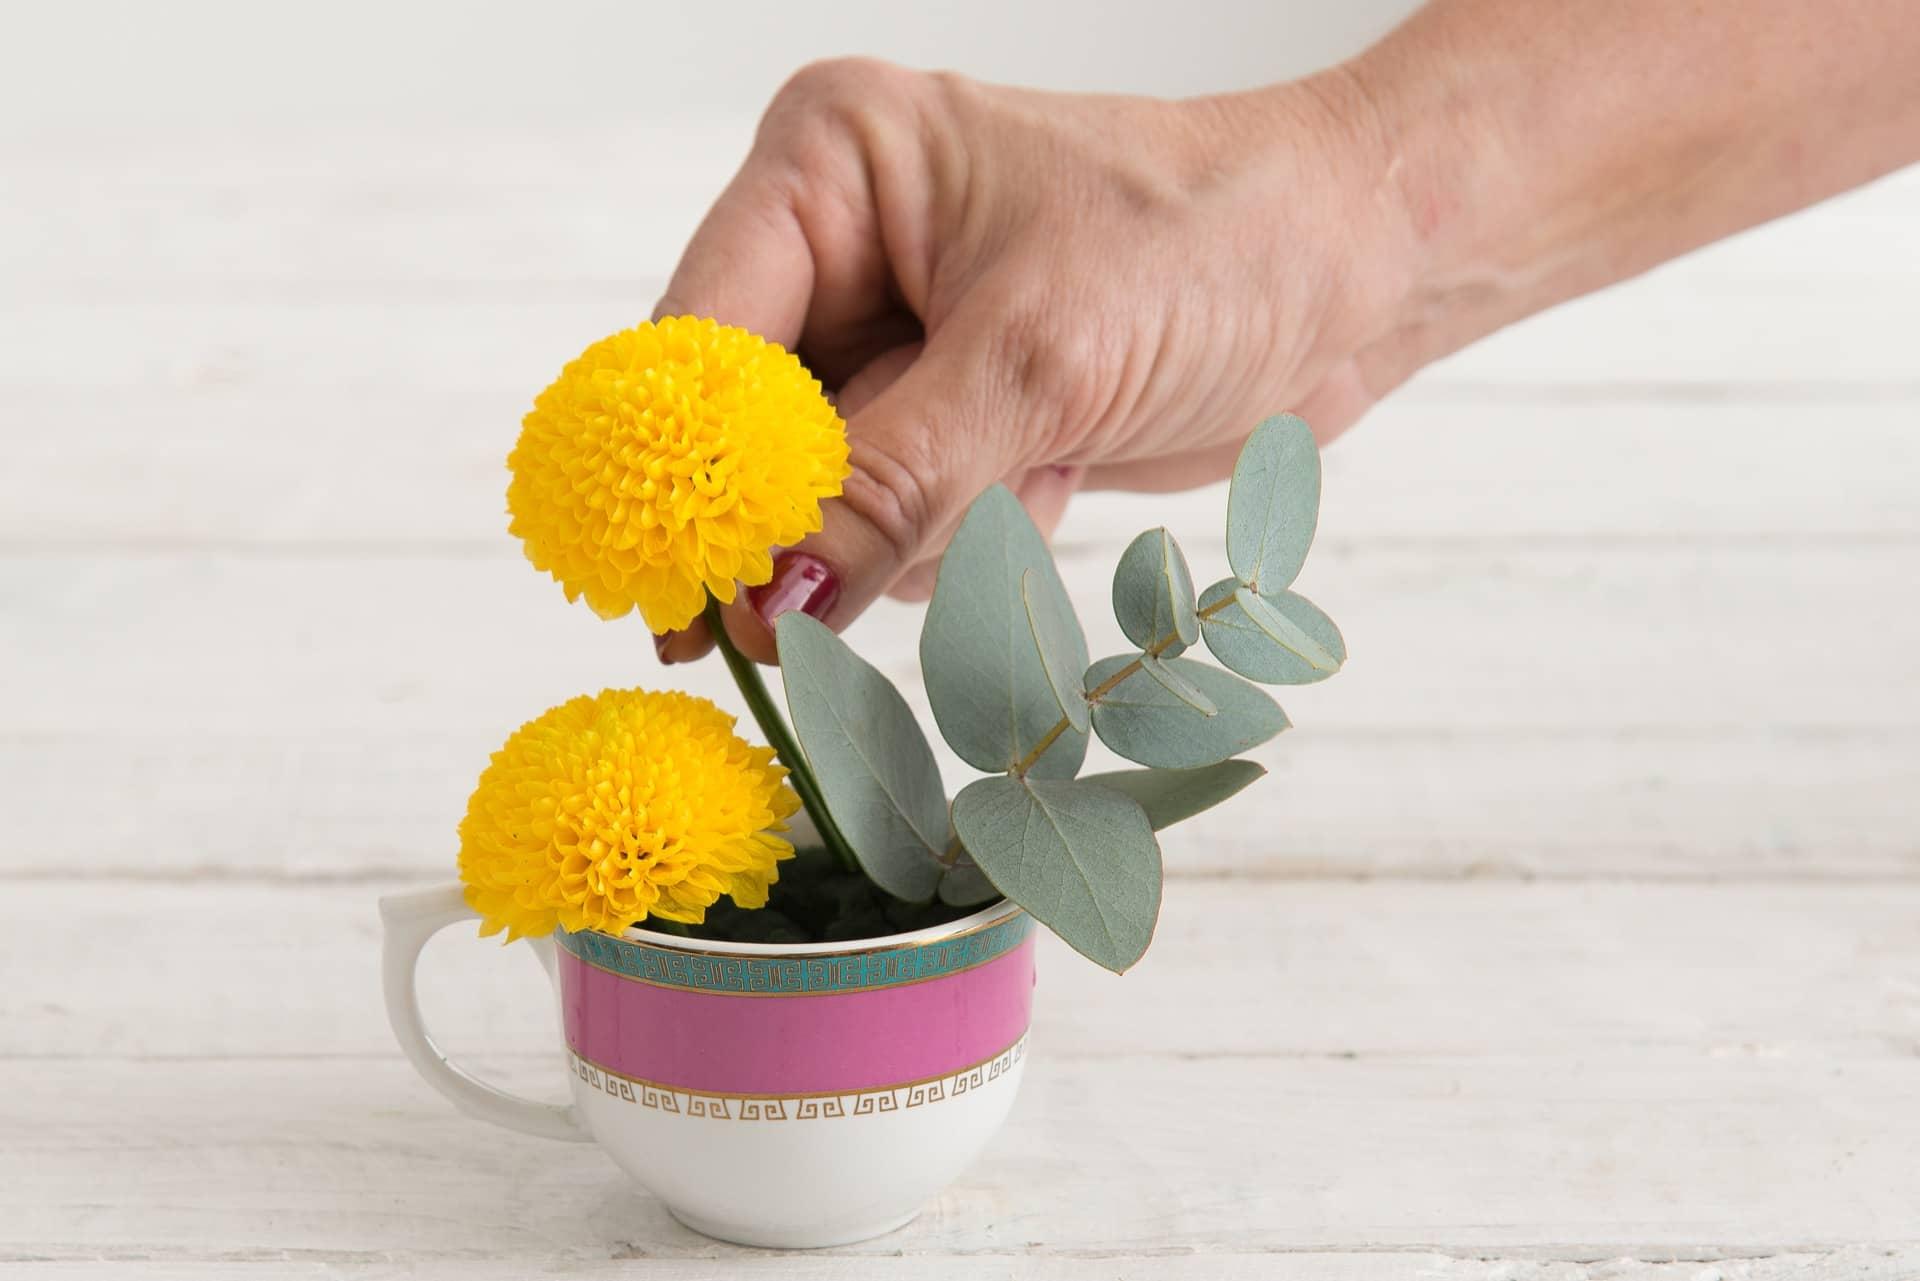 Imagem: Passo 7: Posicione as flores dentro das xícaras, de modo a formar os arranjos. Preencha bem o espaço, para cobrir a espuma floral. Xícara de chá da linha Flamingo Joia Brasileira, da Oxford. Foto: Cacá Bratke.